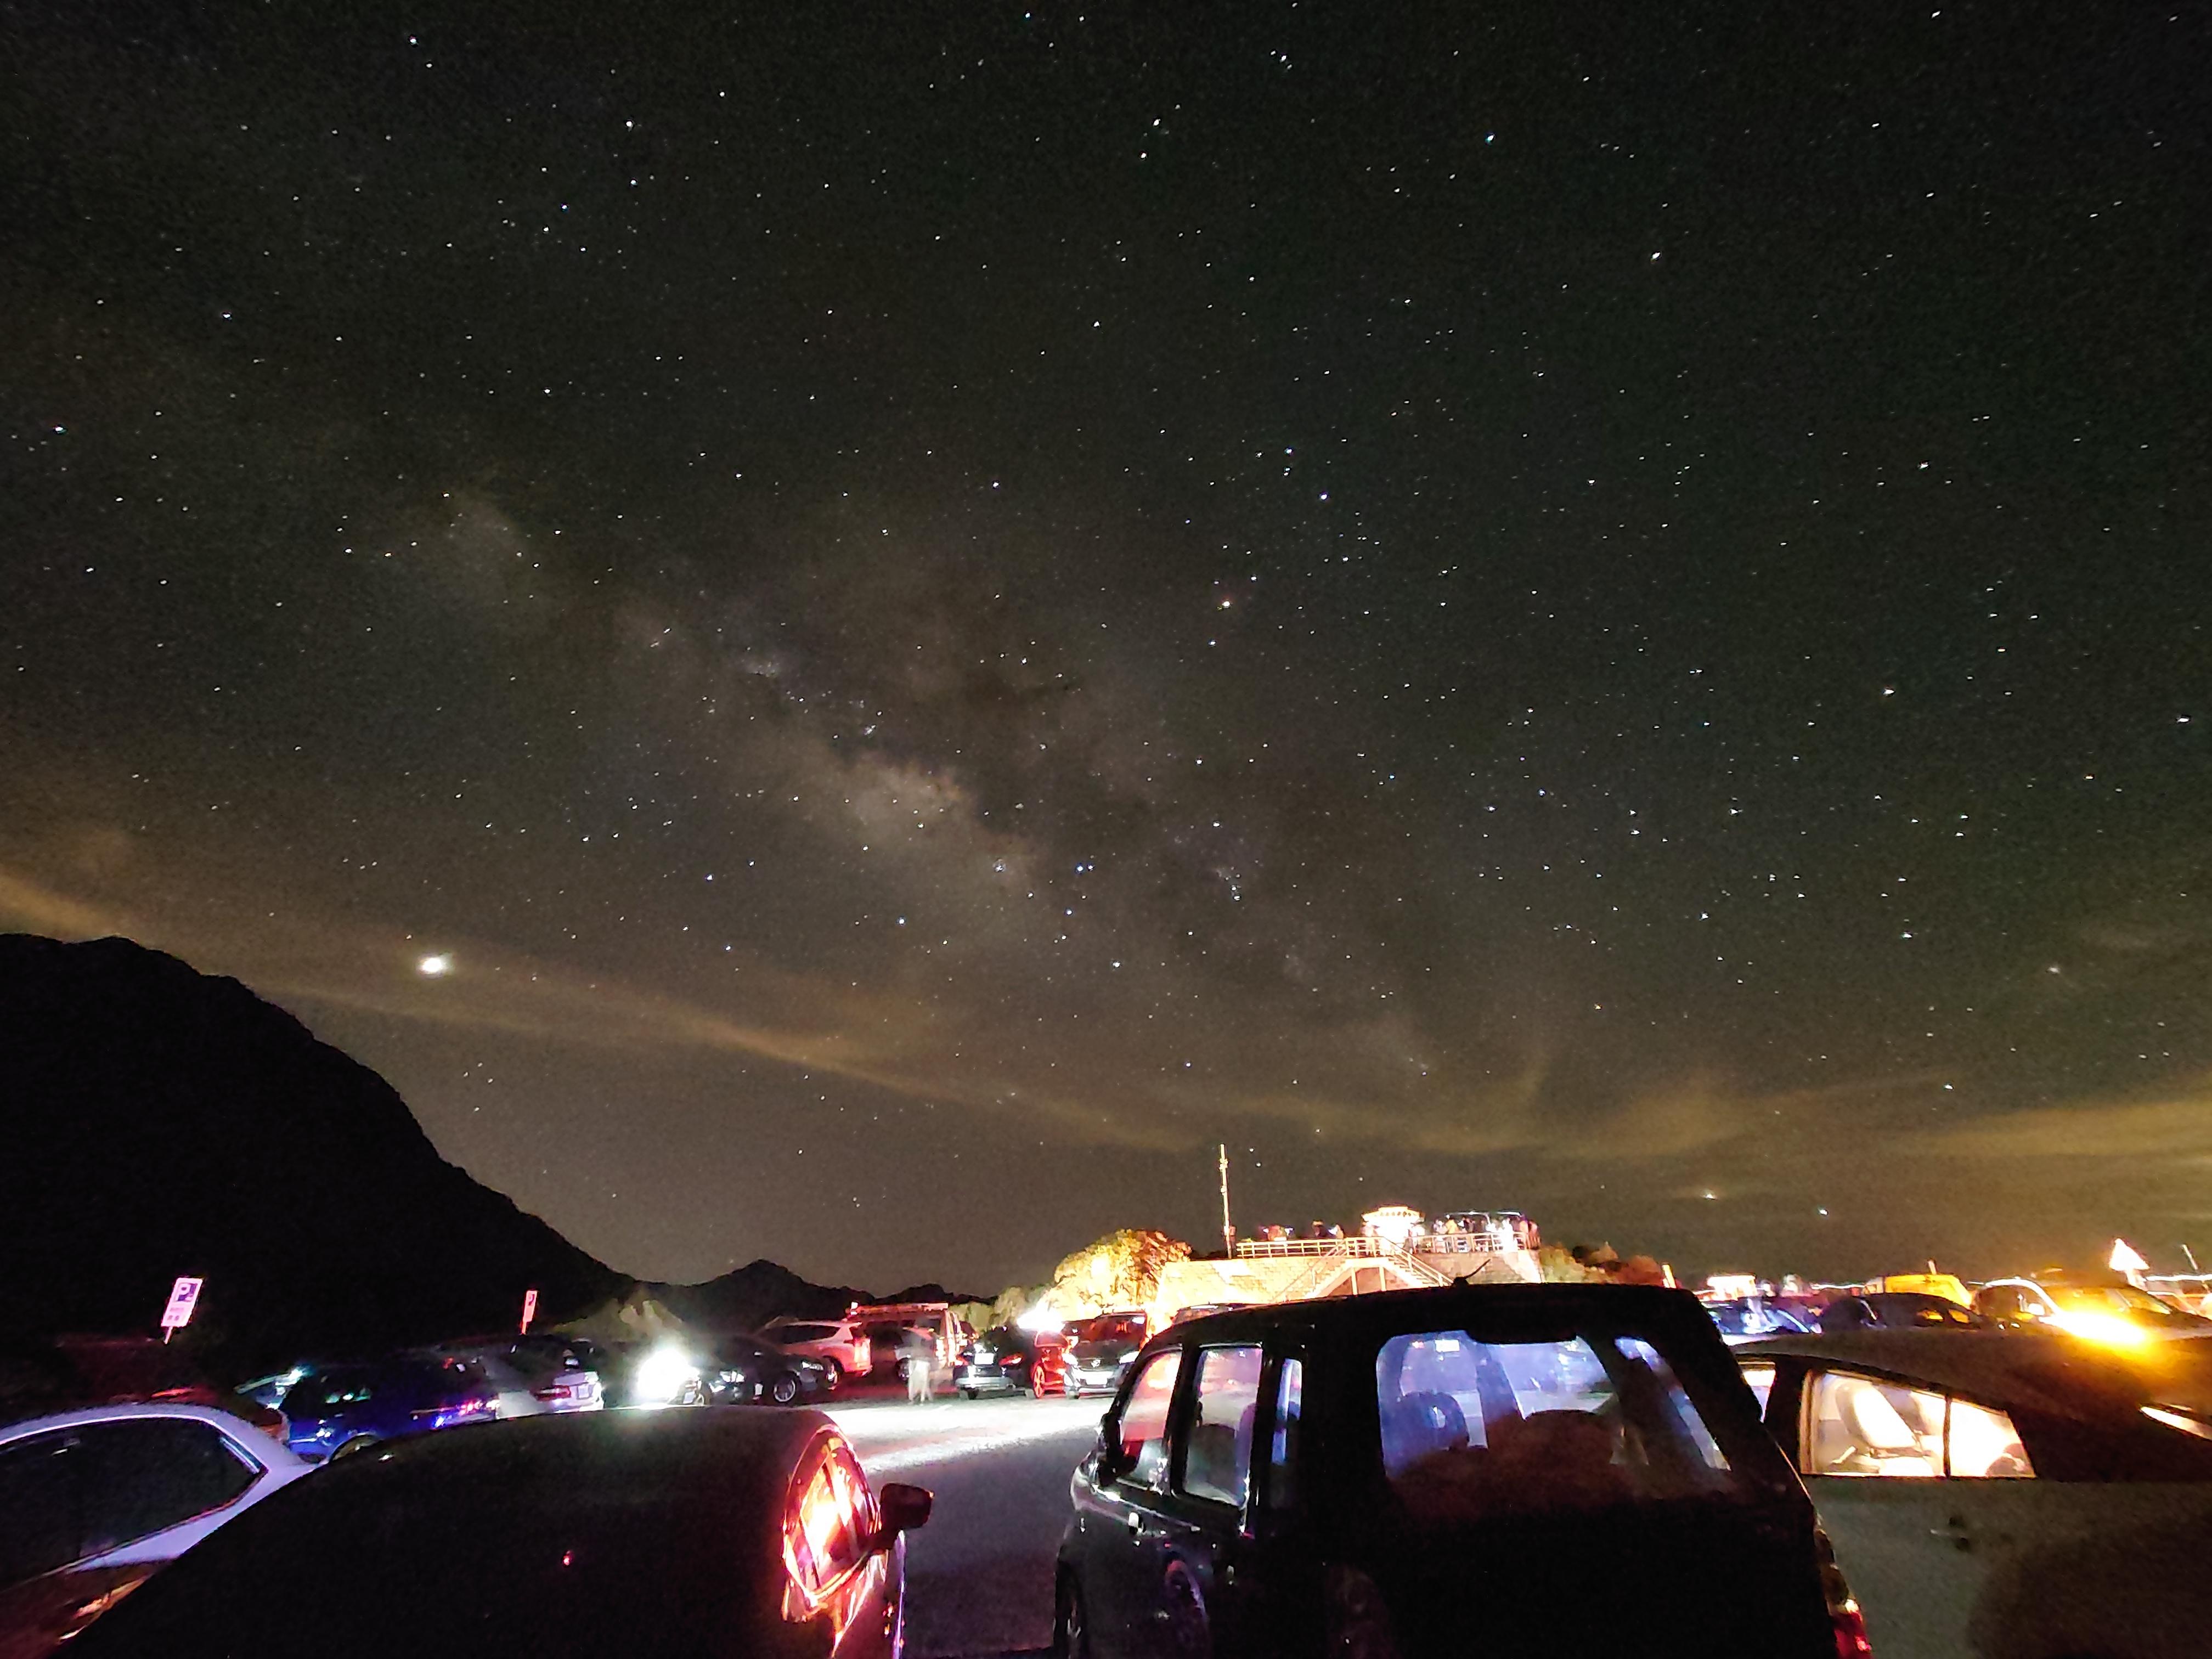 帶著 Xperia 1 II 去旅行,夜景、銀河、日偏食,旅遊記錄拍起來